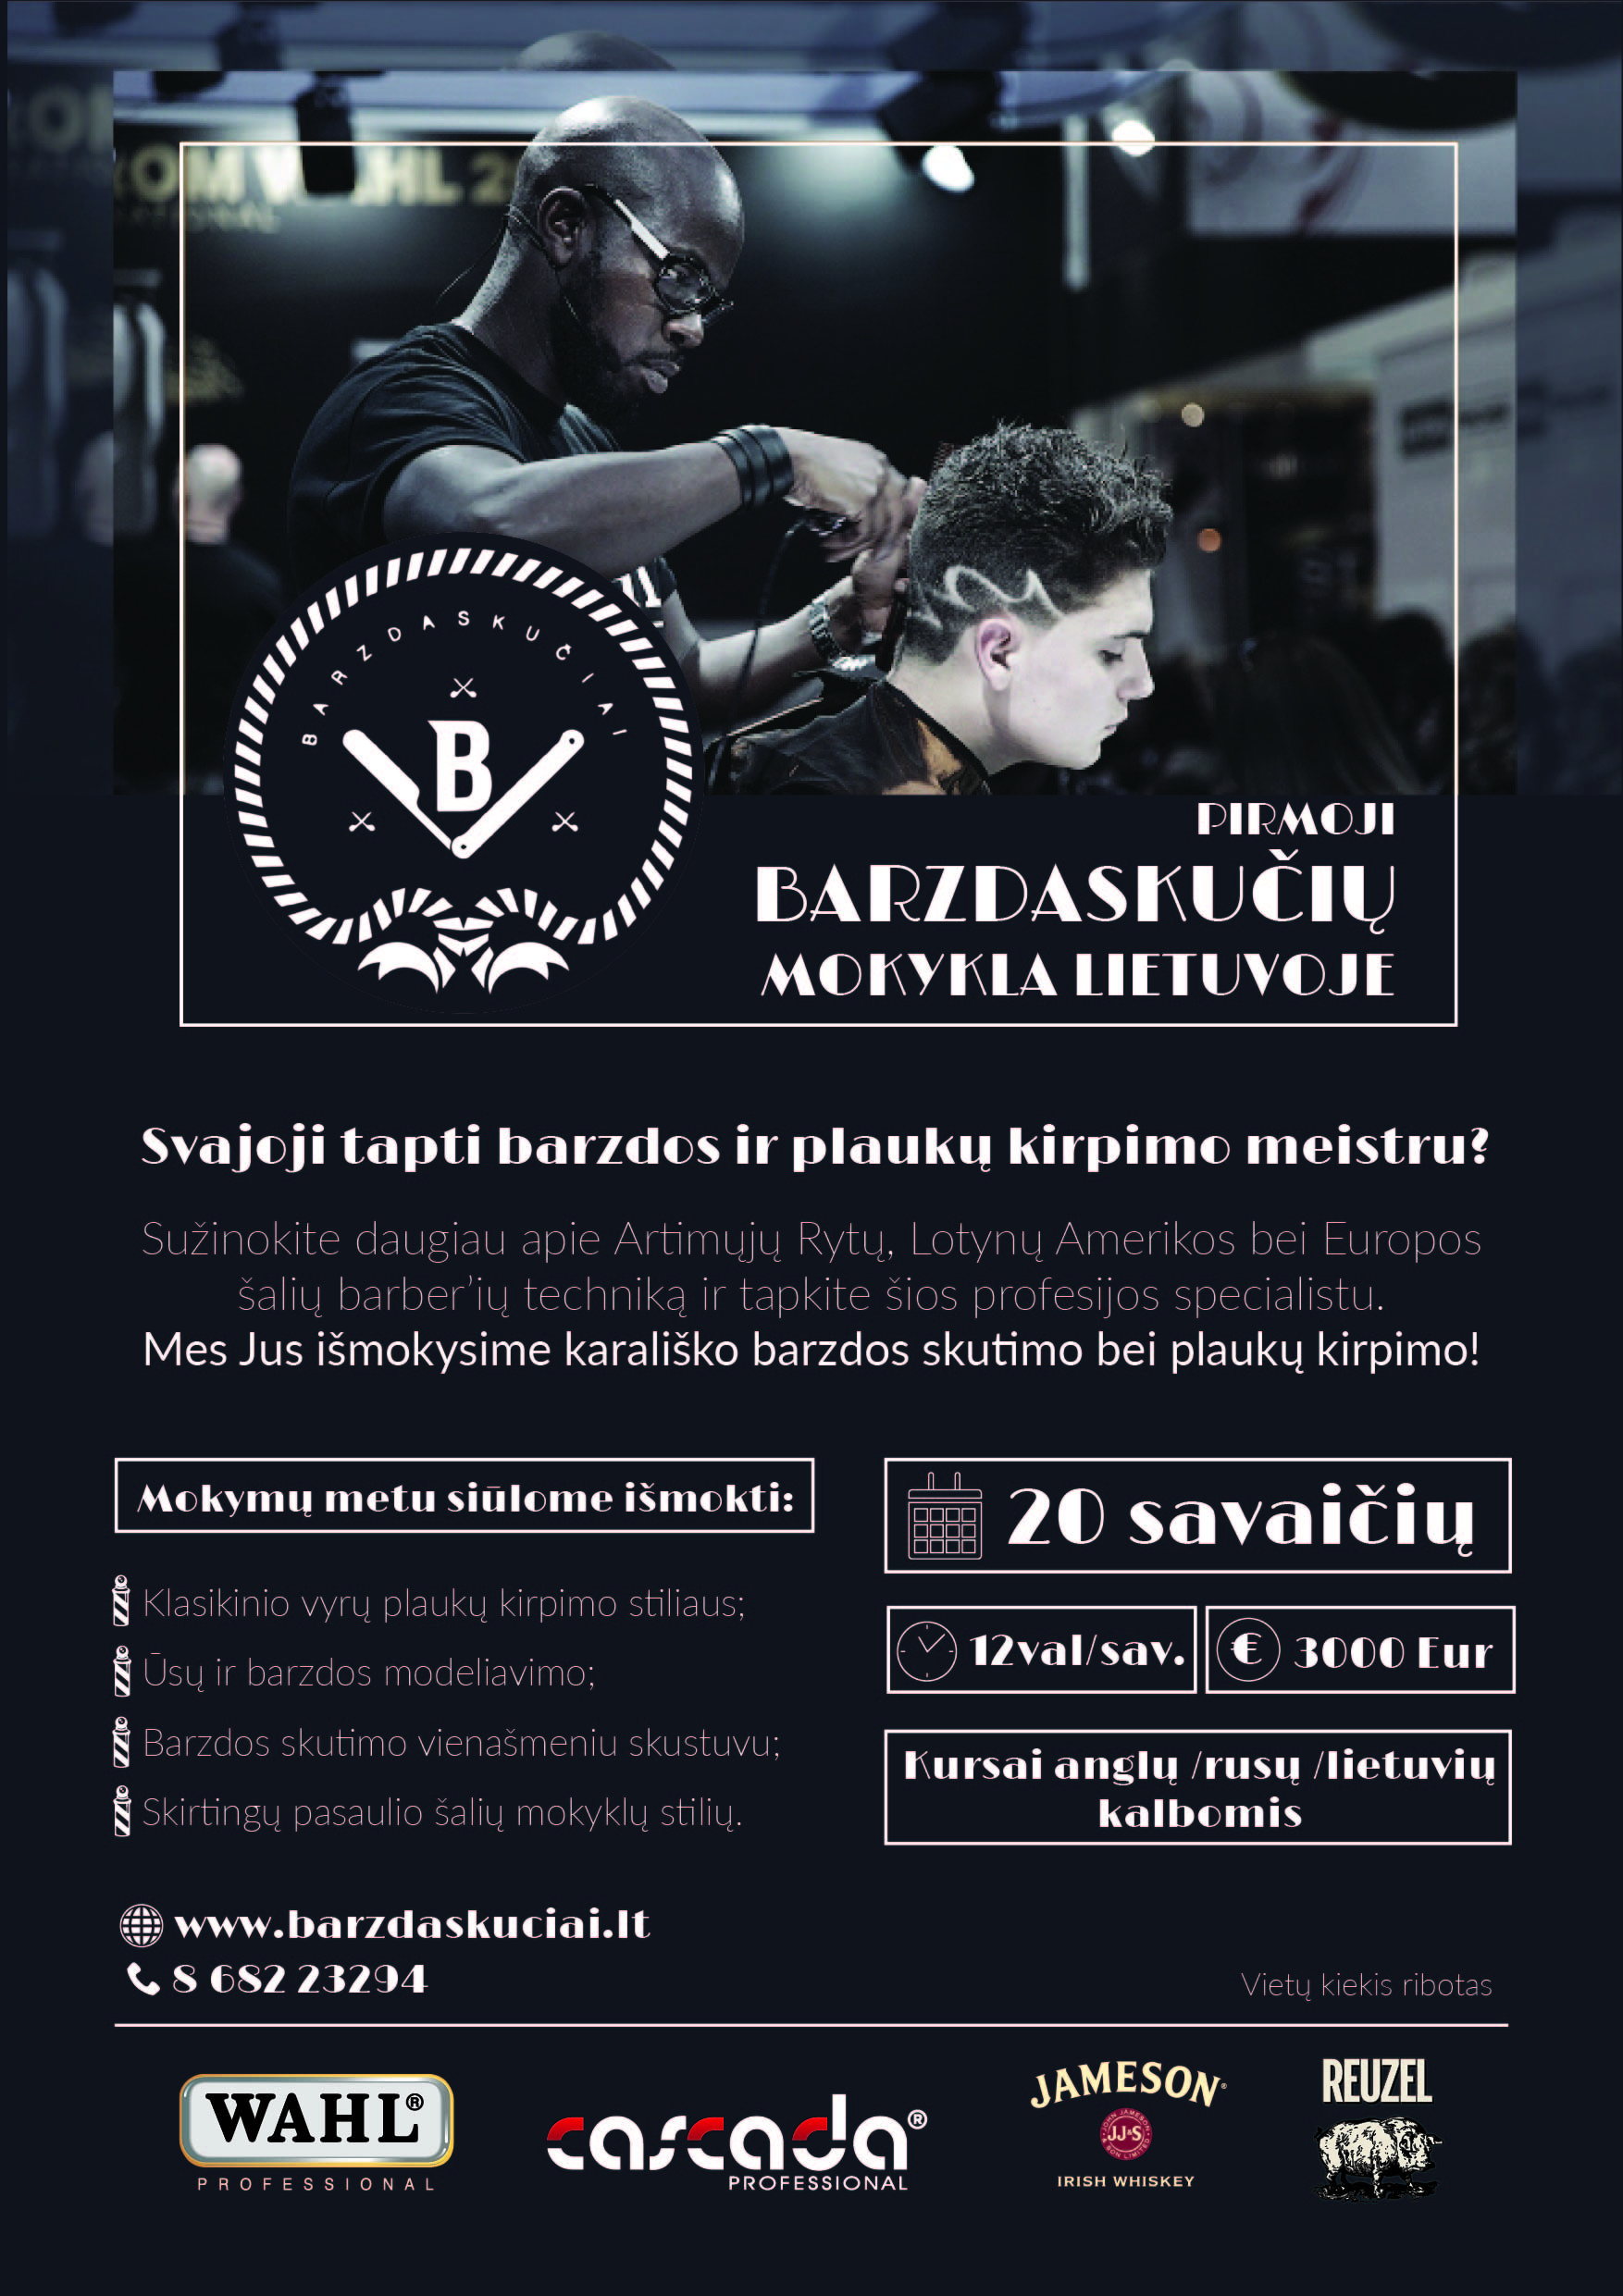 barzdaskuciu-mokykla-a3-01